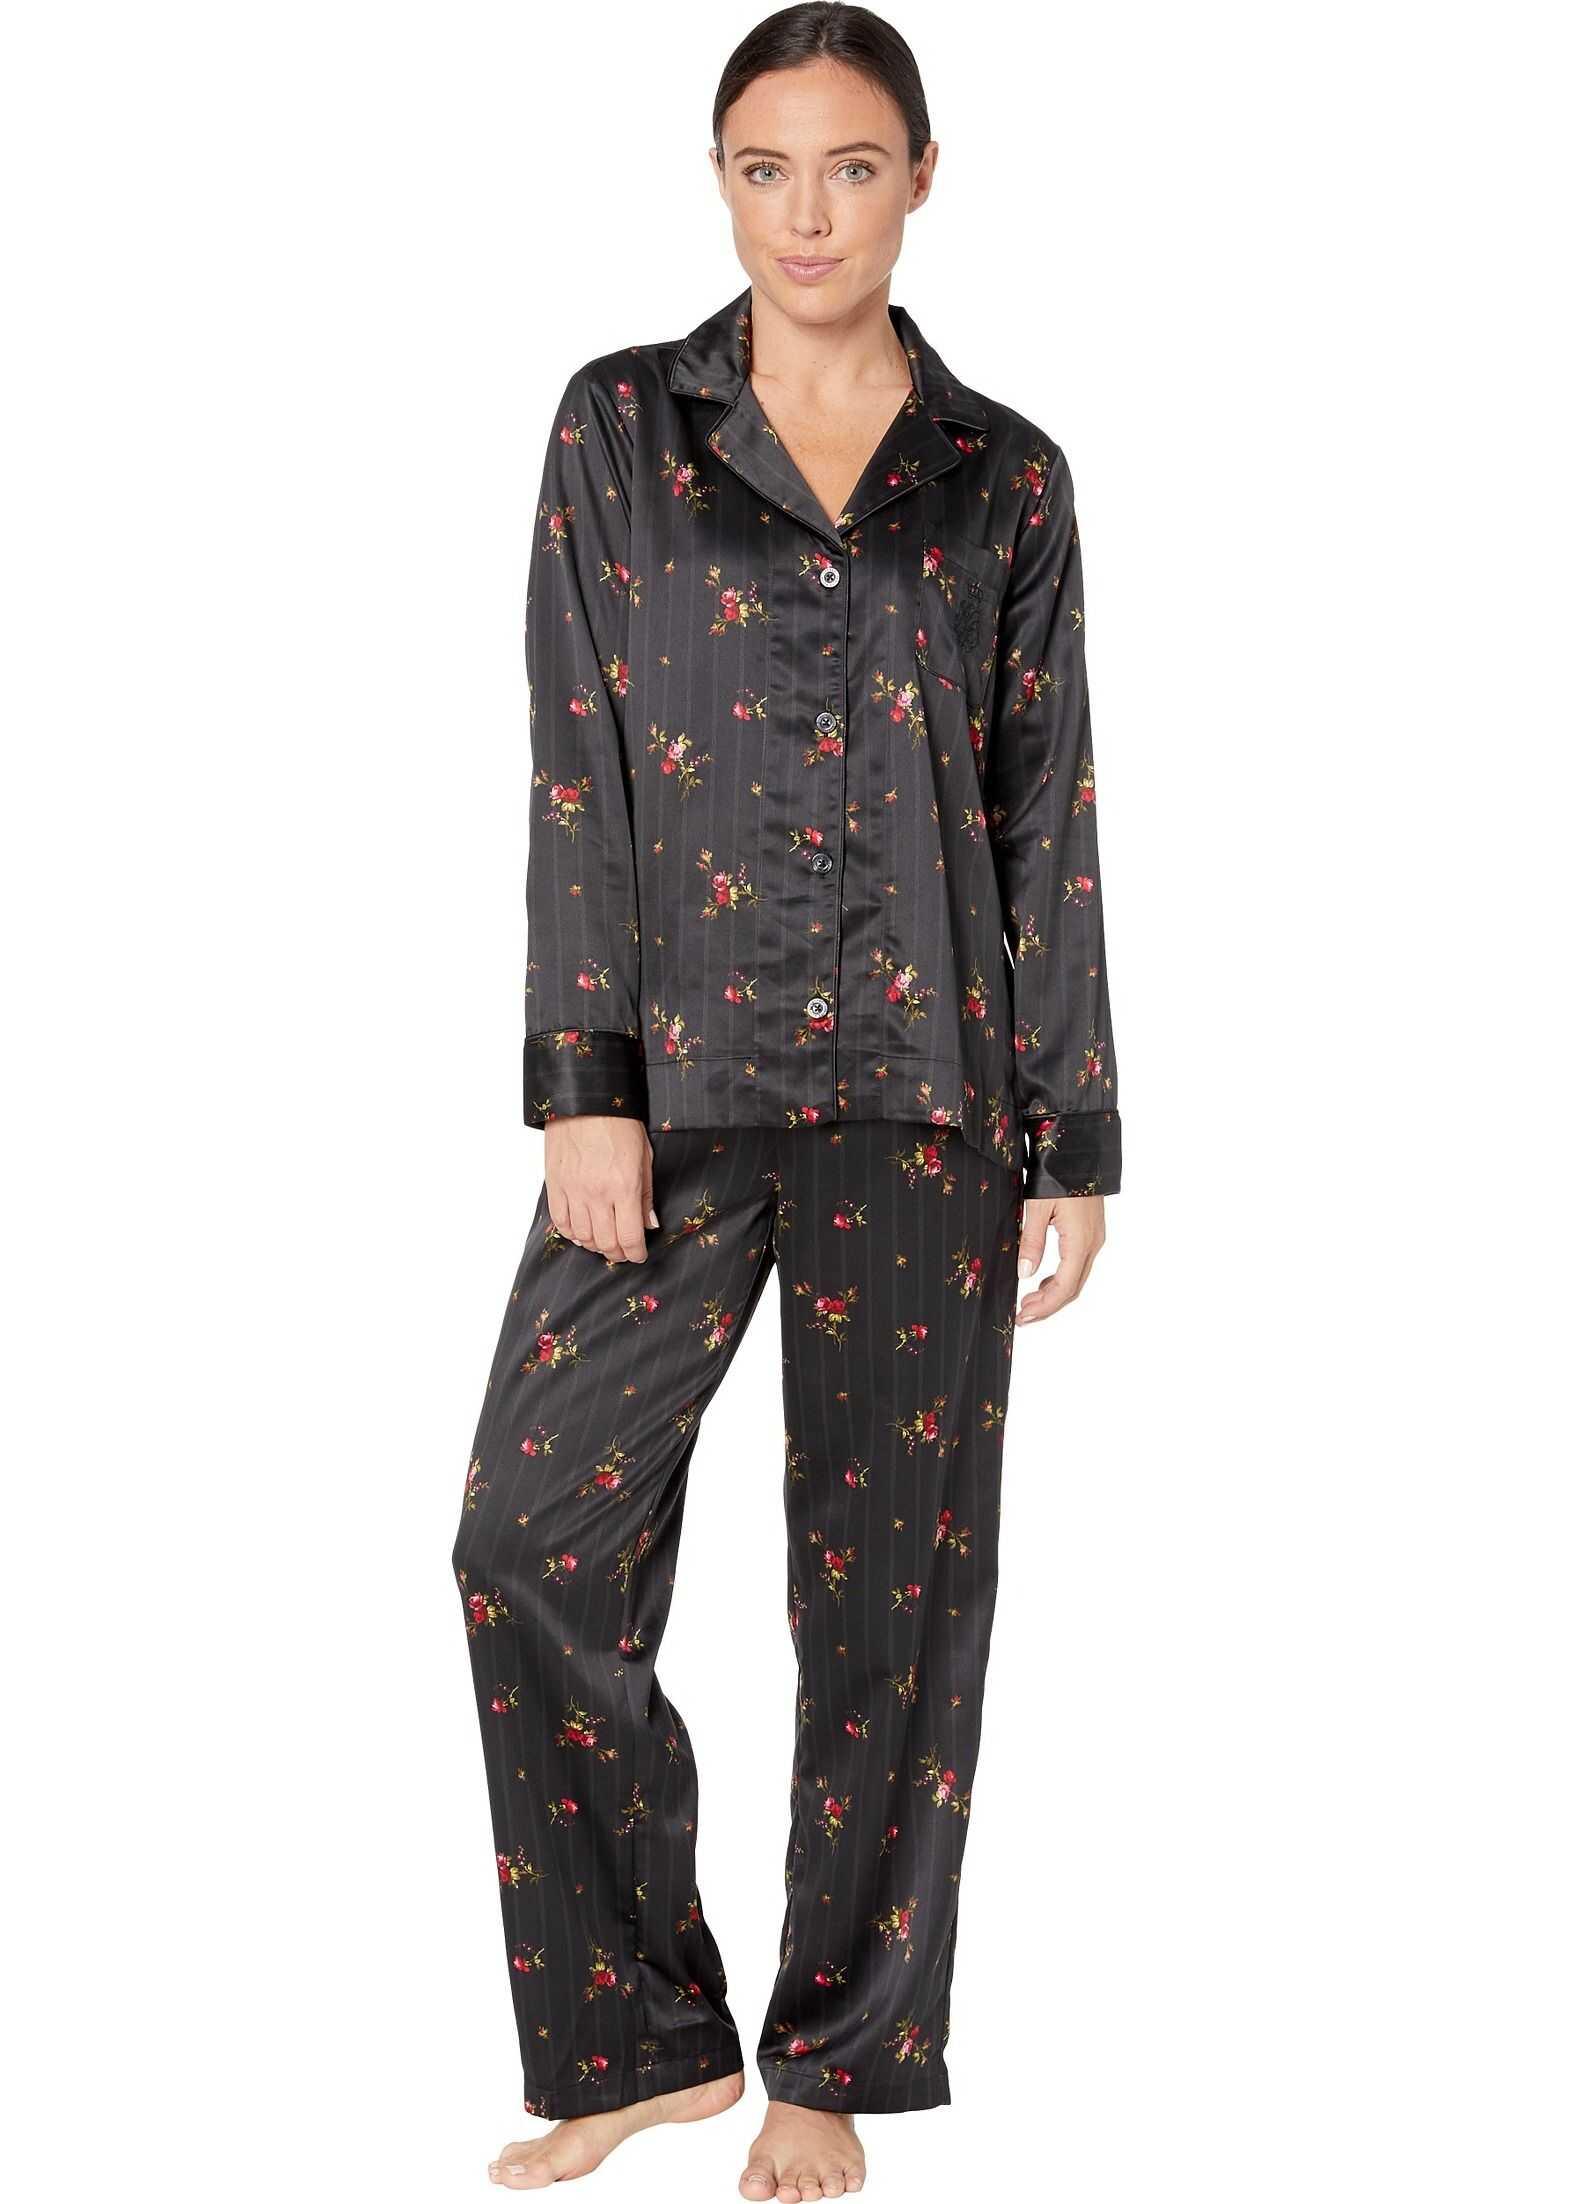 Ralph Lauren Satin Long Sleeve Notch Collar Long Pants Pajama Set Black Print